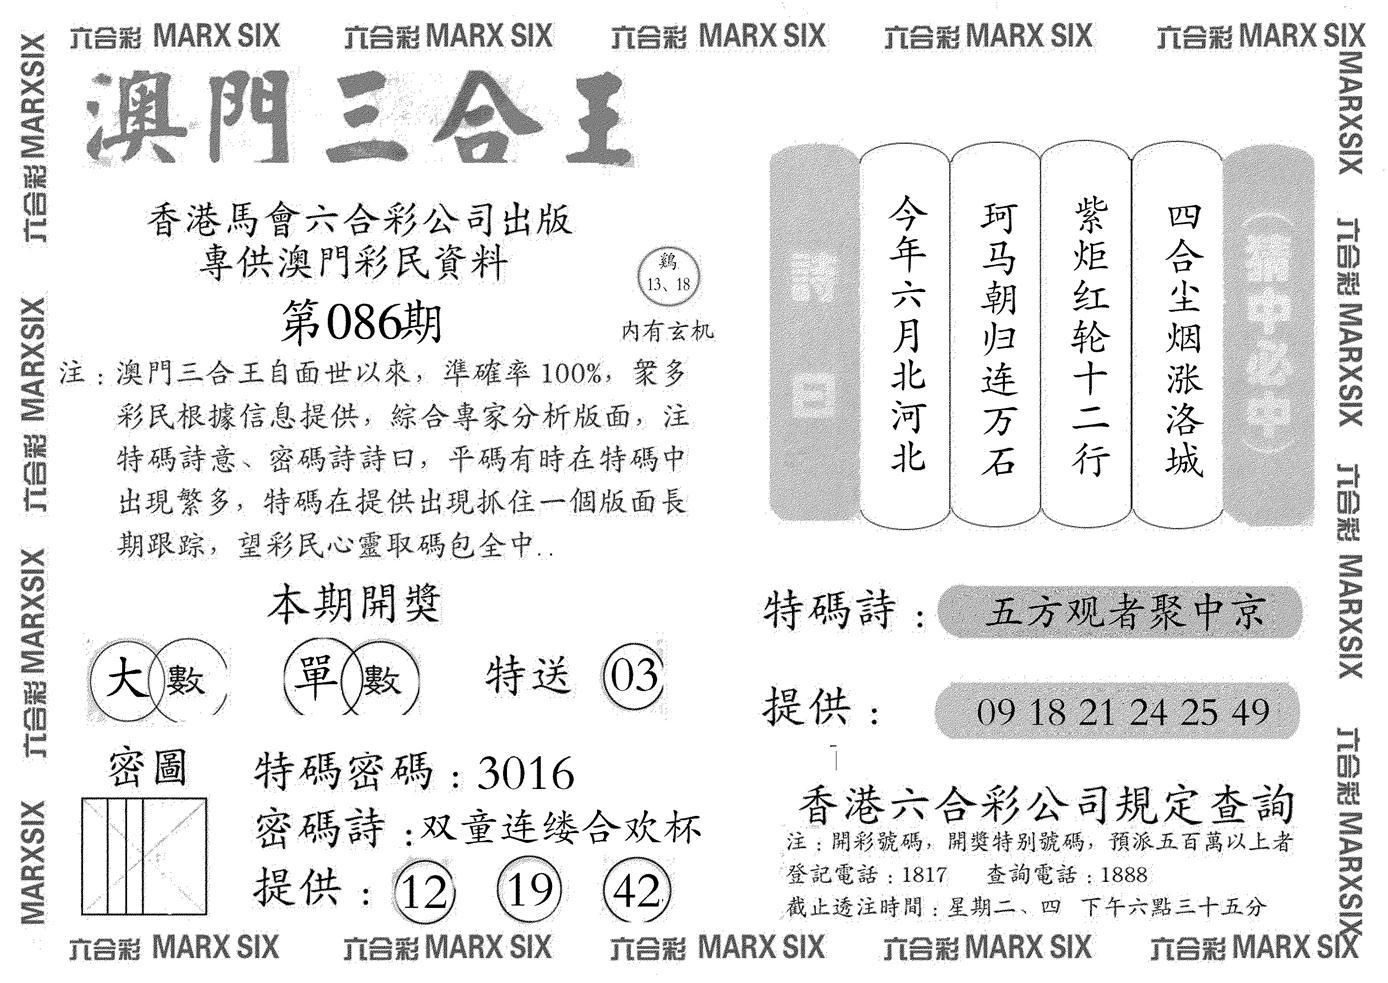 086期澳门三合王A(黑白)